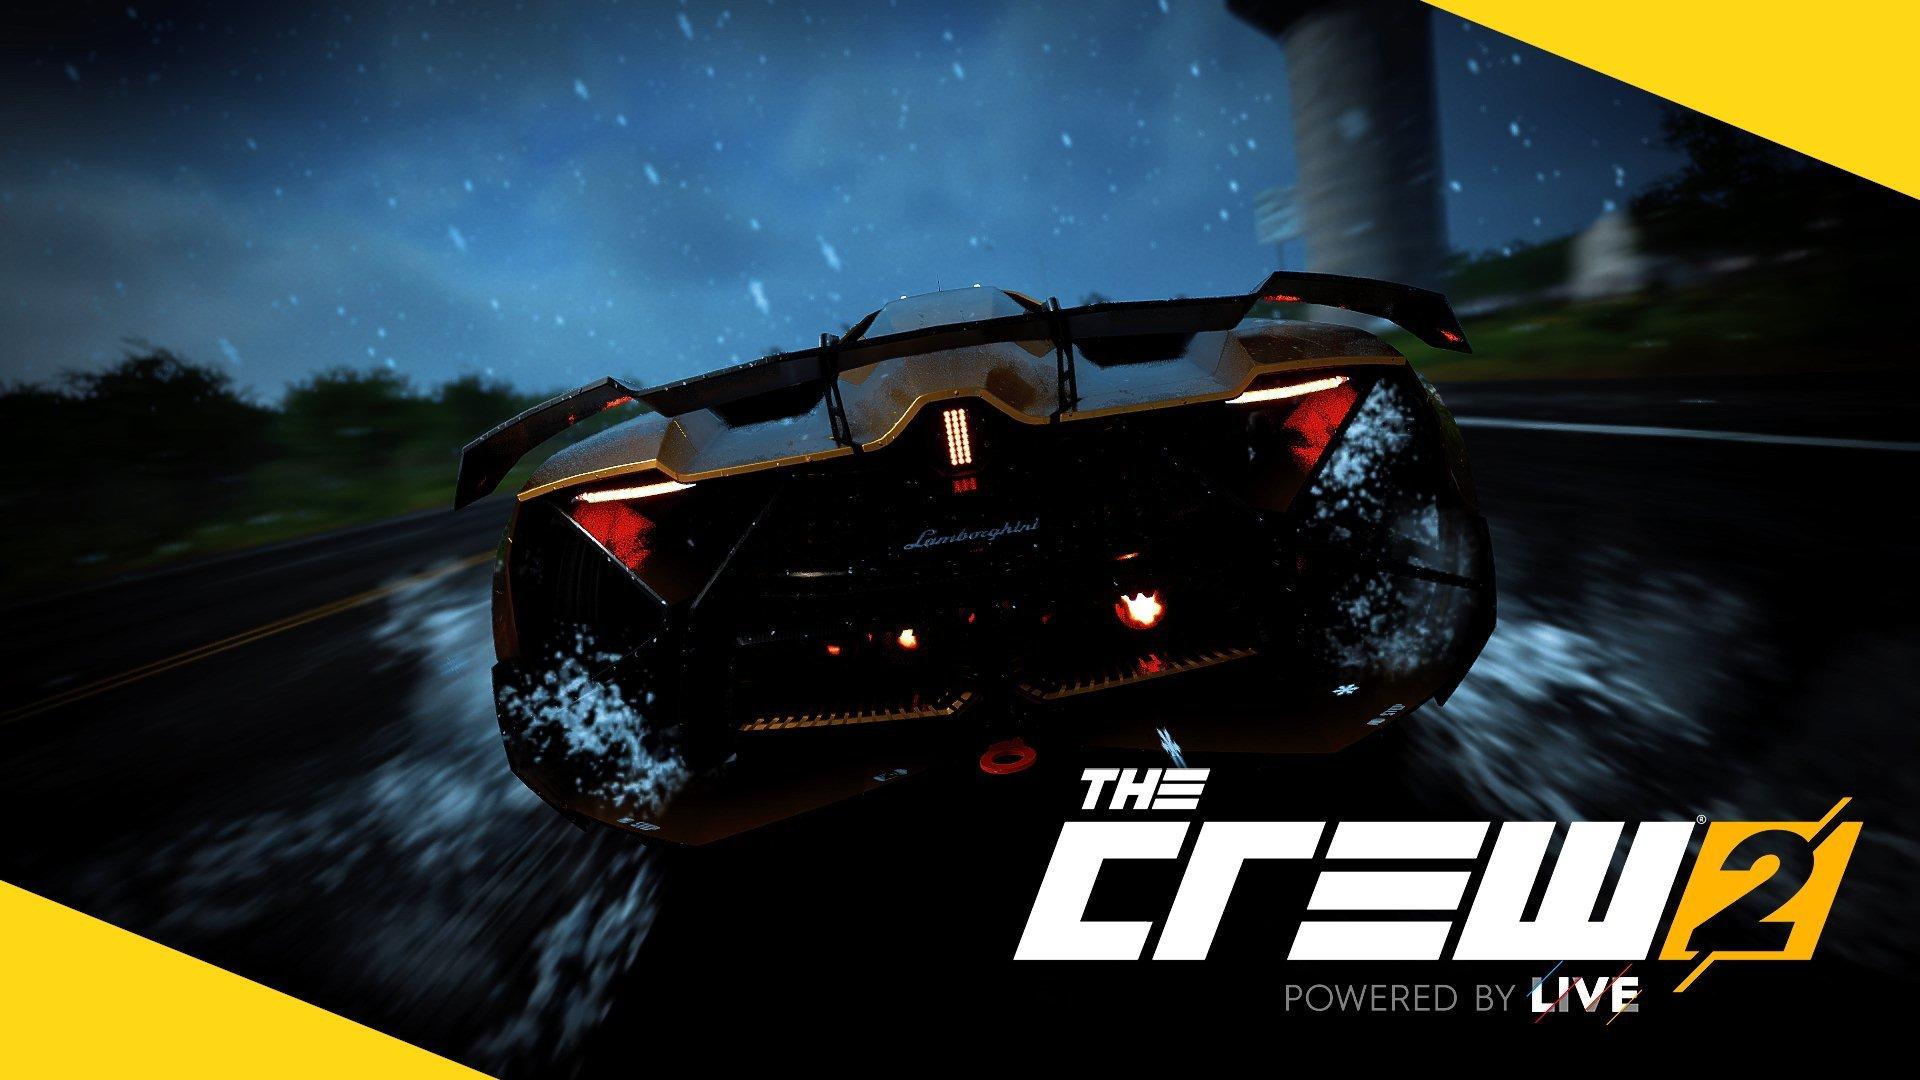 ゲーム「THE CREW2 もはやこれは『車』ではない」_b0362459_10322340.jpeg